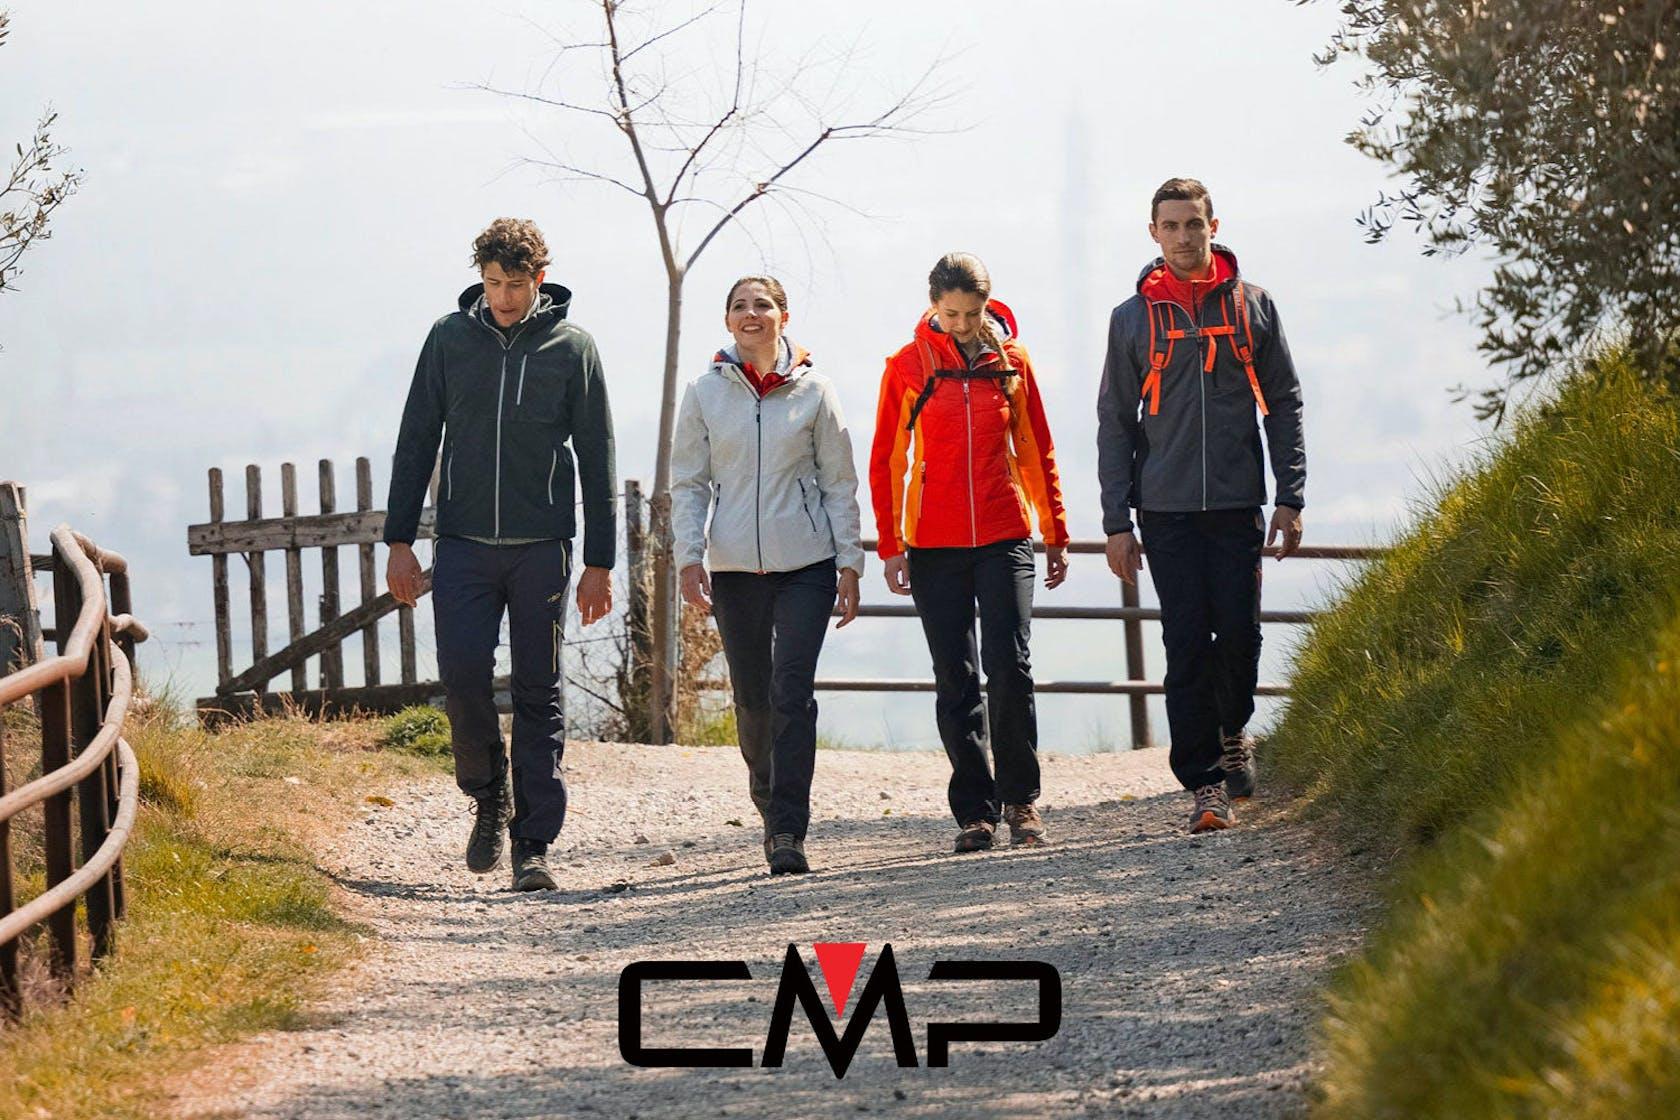 Trekkingbekleidung CMP